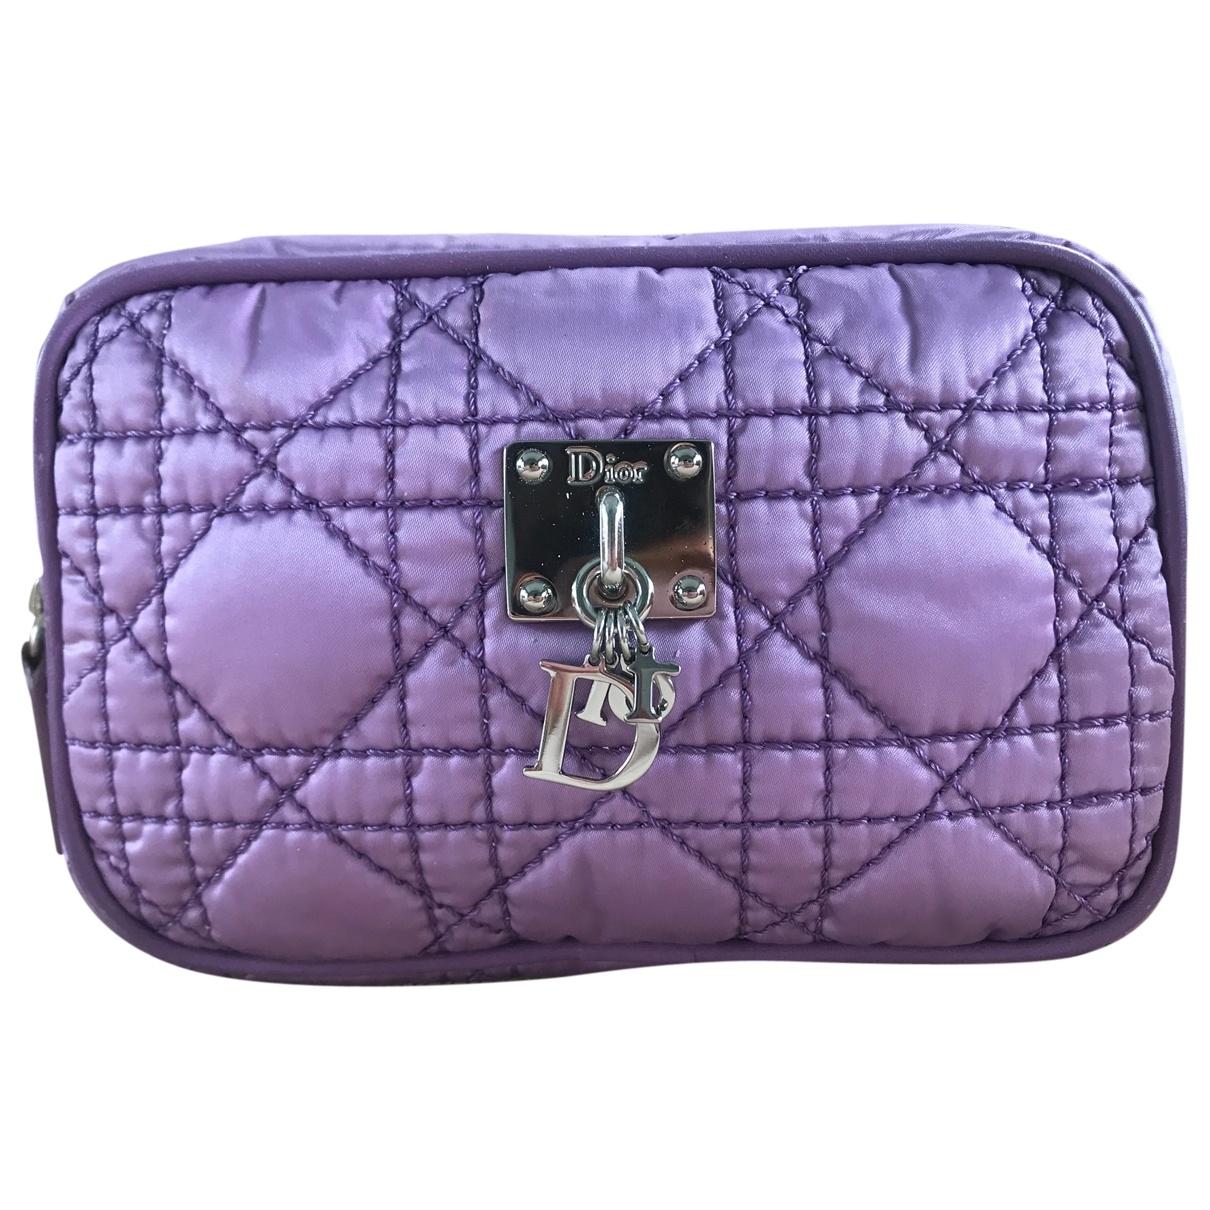 Christian Dior - Sac de voyage   pour femme en toile - violet